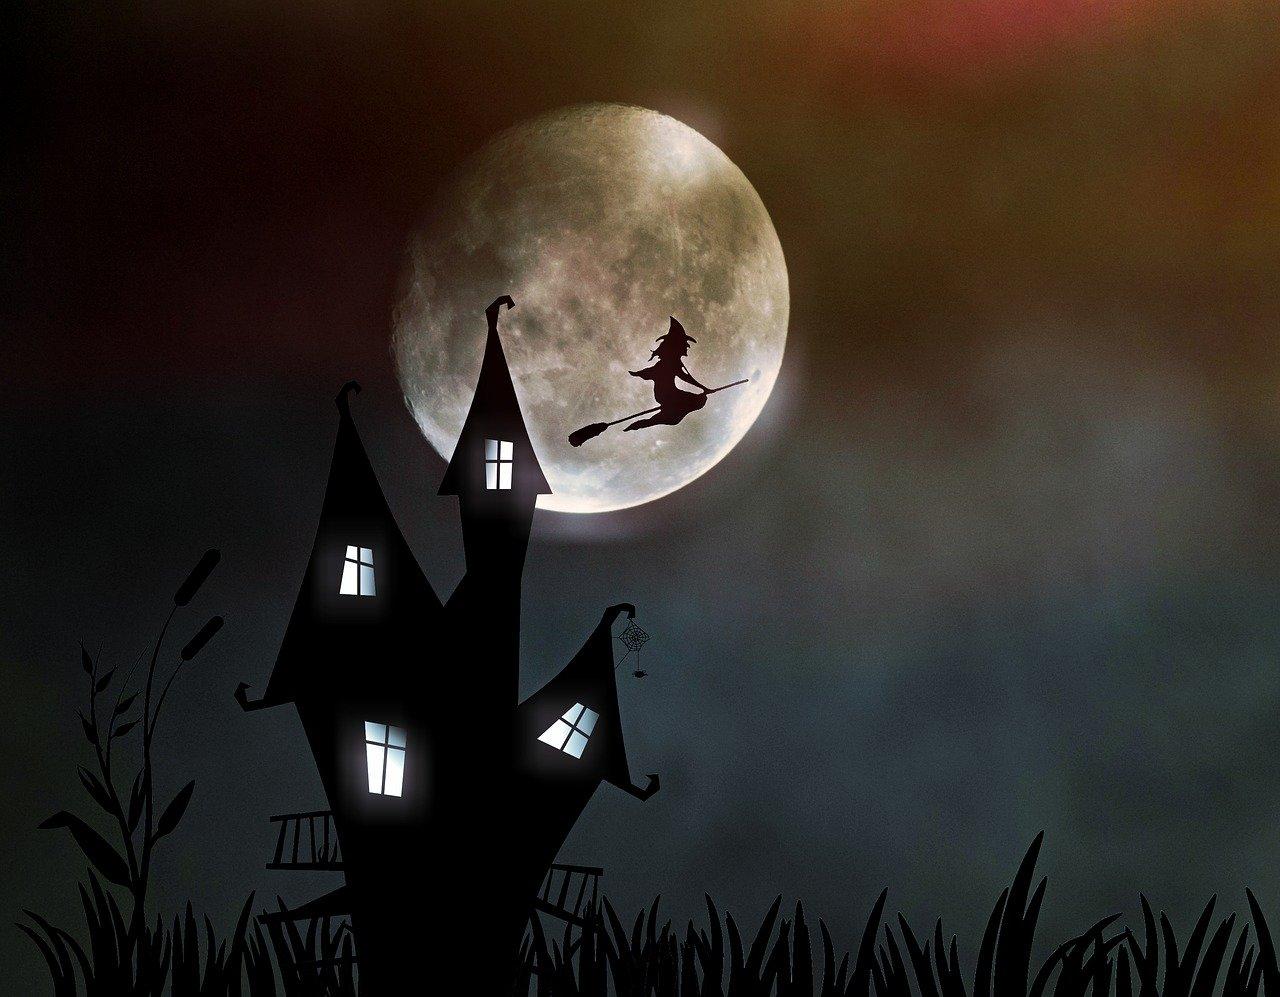 Tour virtuali per Halloween